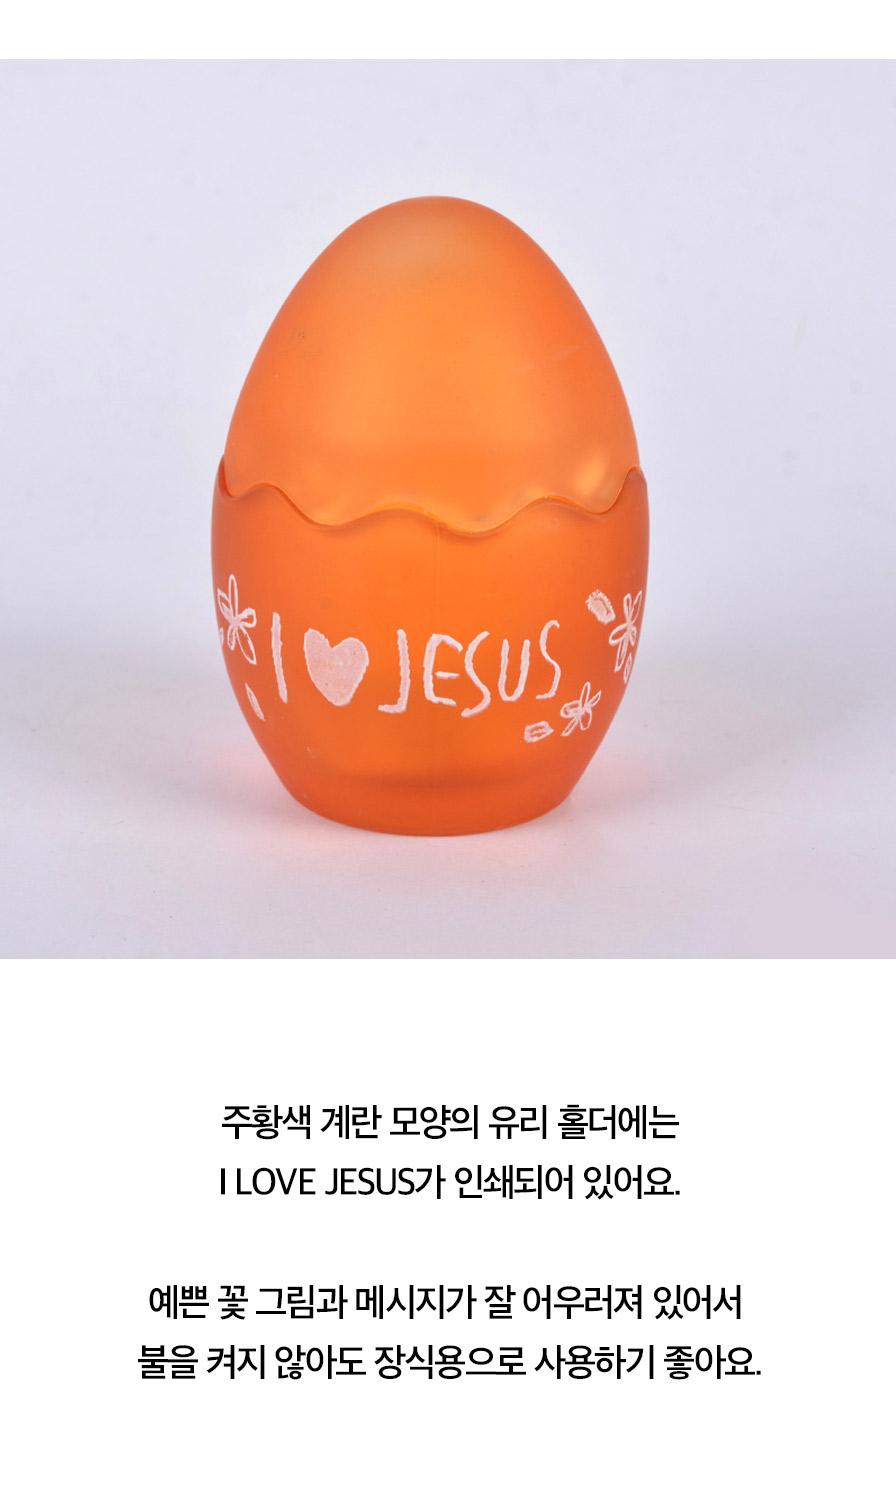 부활절 교회선물 에그 티라이트 캔들 주황색 티라이트 홀더 본체에는 꽃그림과 아이러브지저스가 어우러져 인쇄되어 있어요